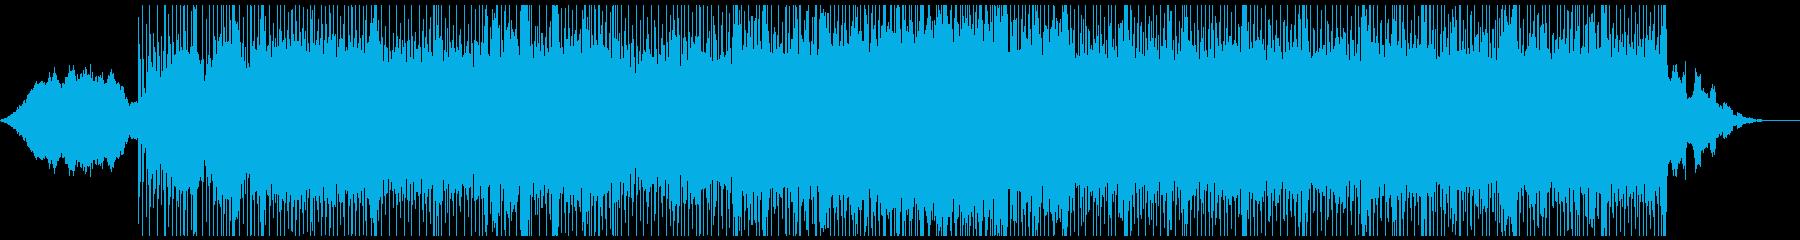 神秘的なイントロ。エクストリームス...の再生済みの波形